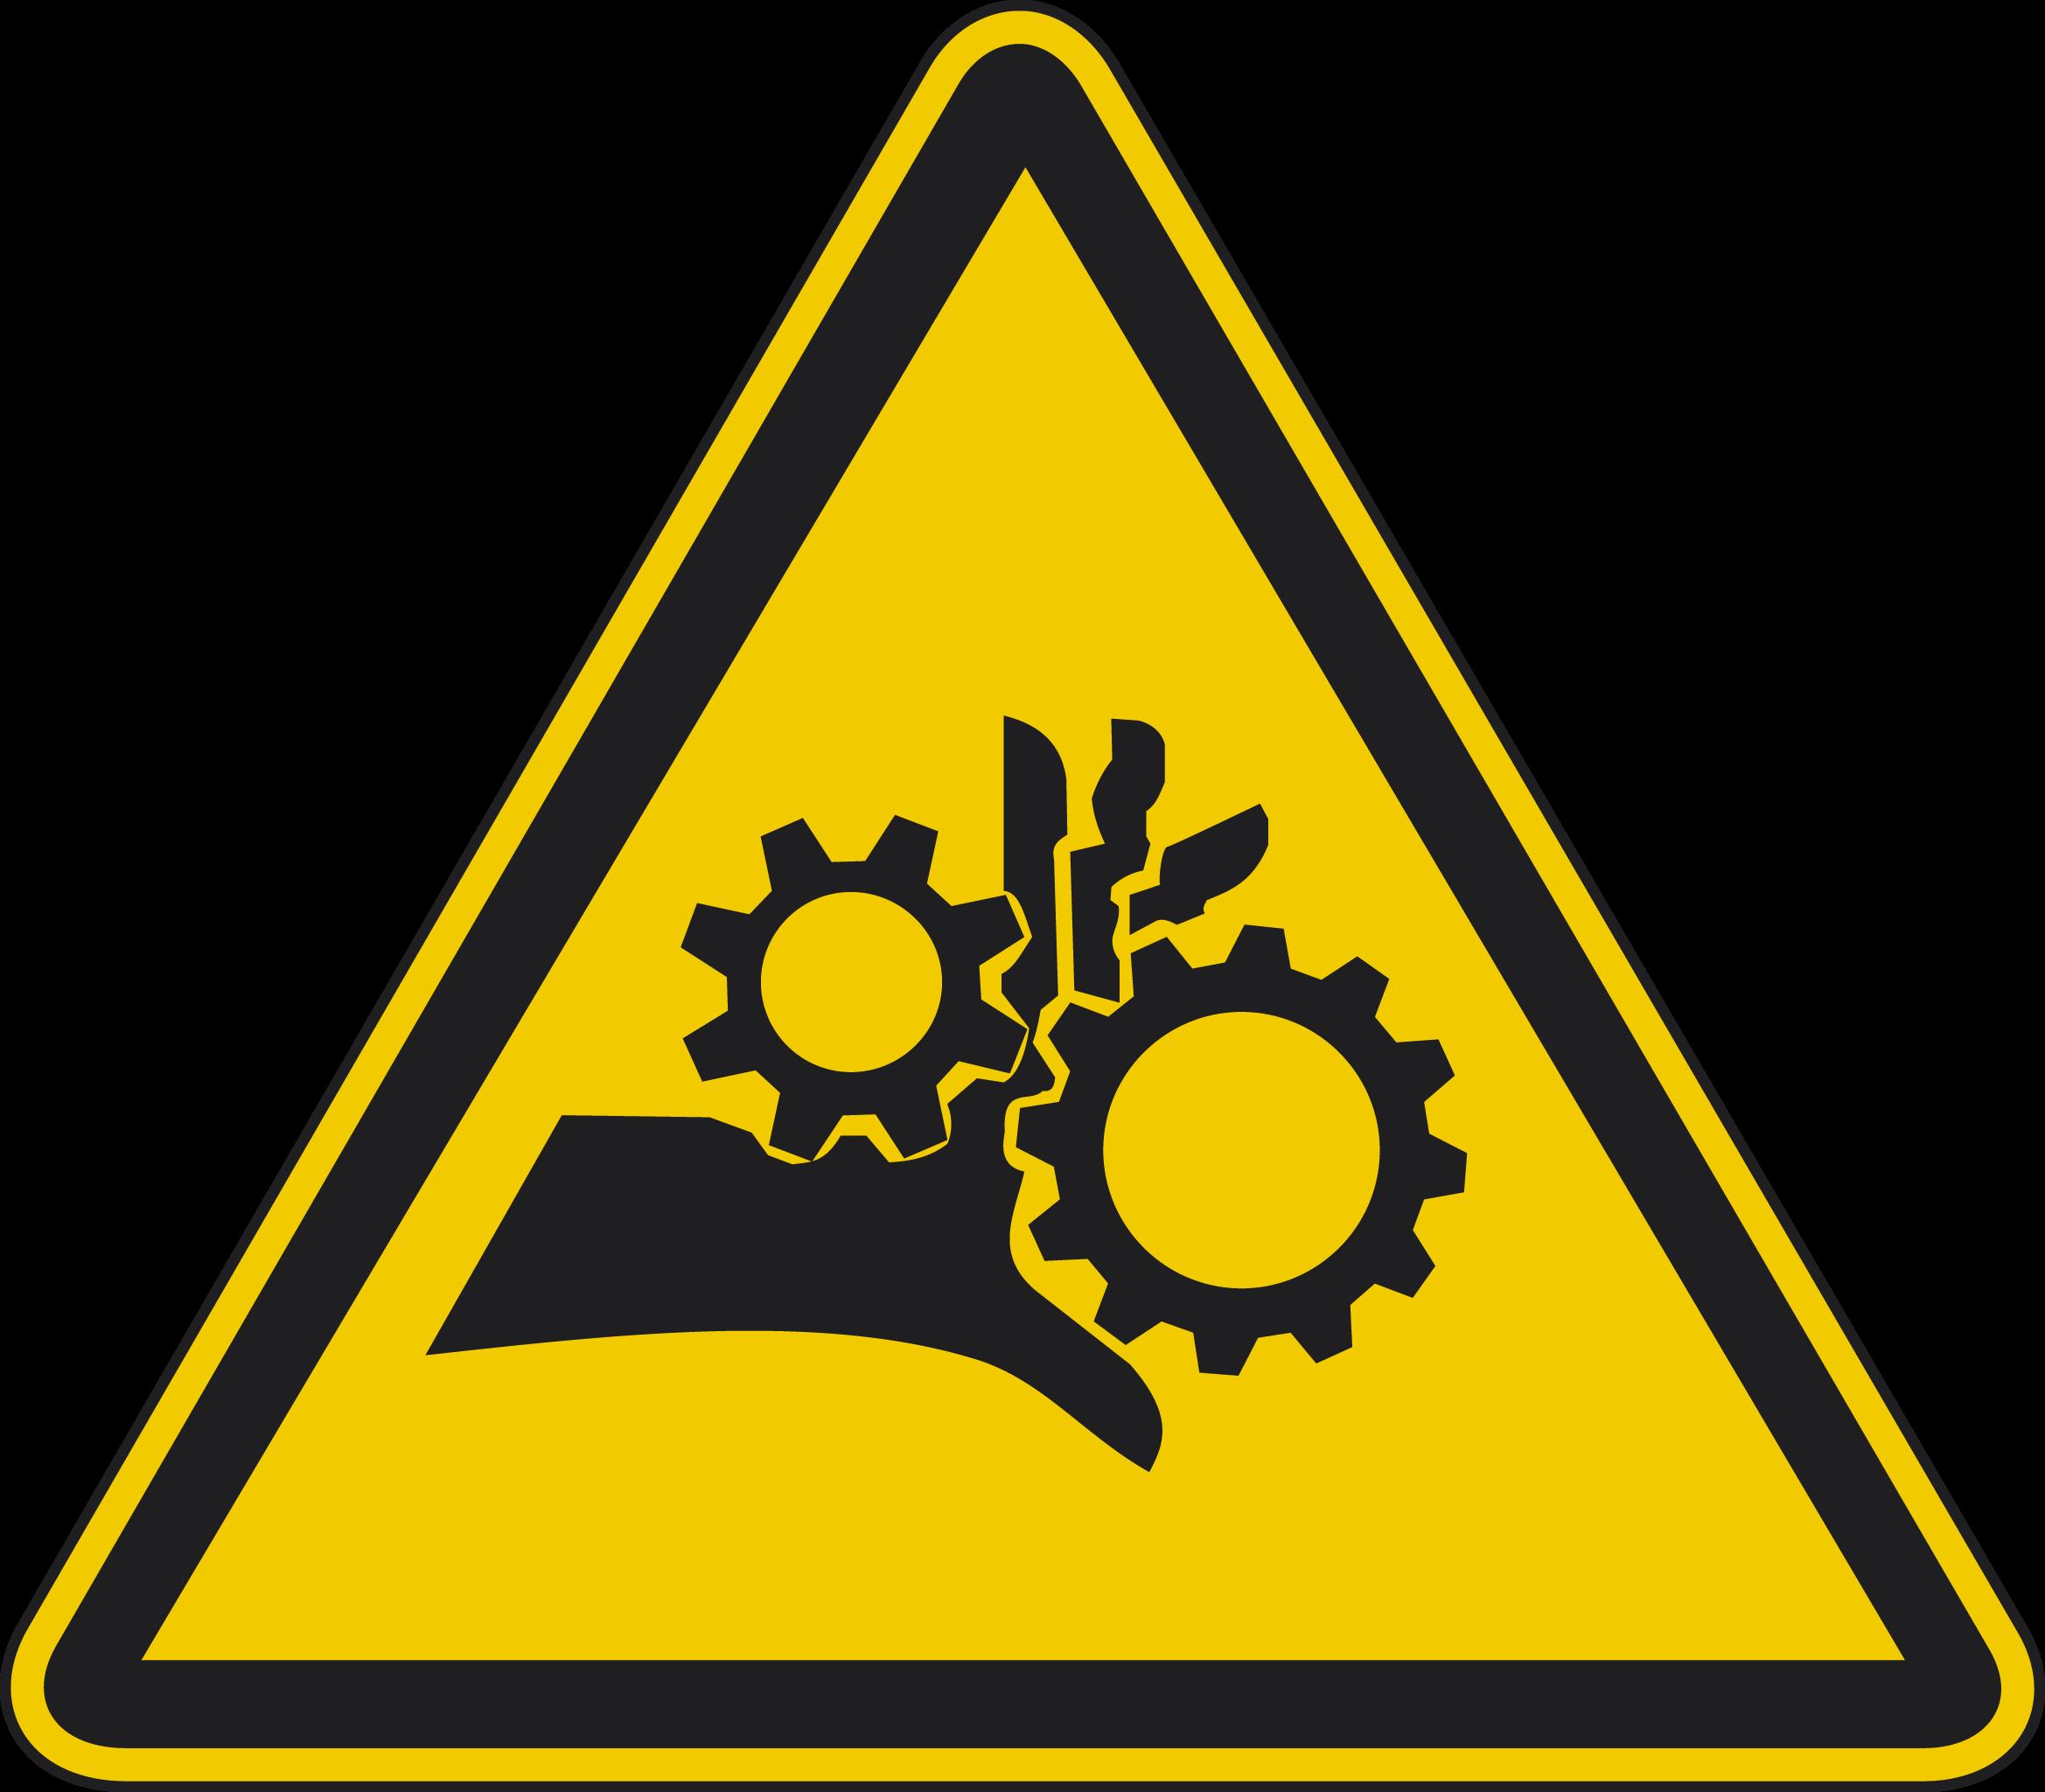 Arbocatalogus Pluimvee - Machineveiligheid